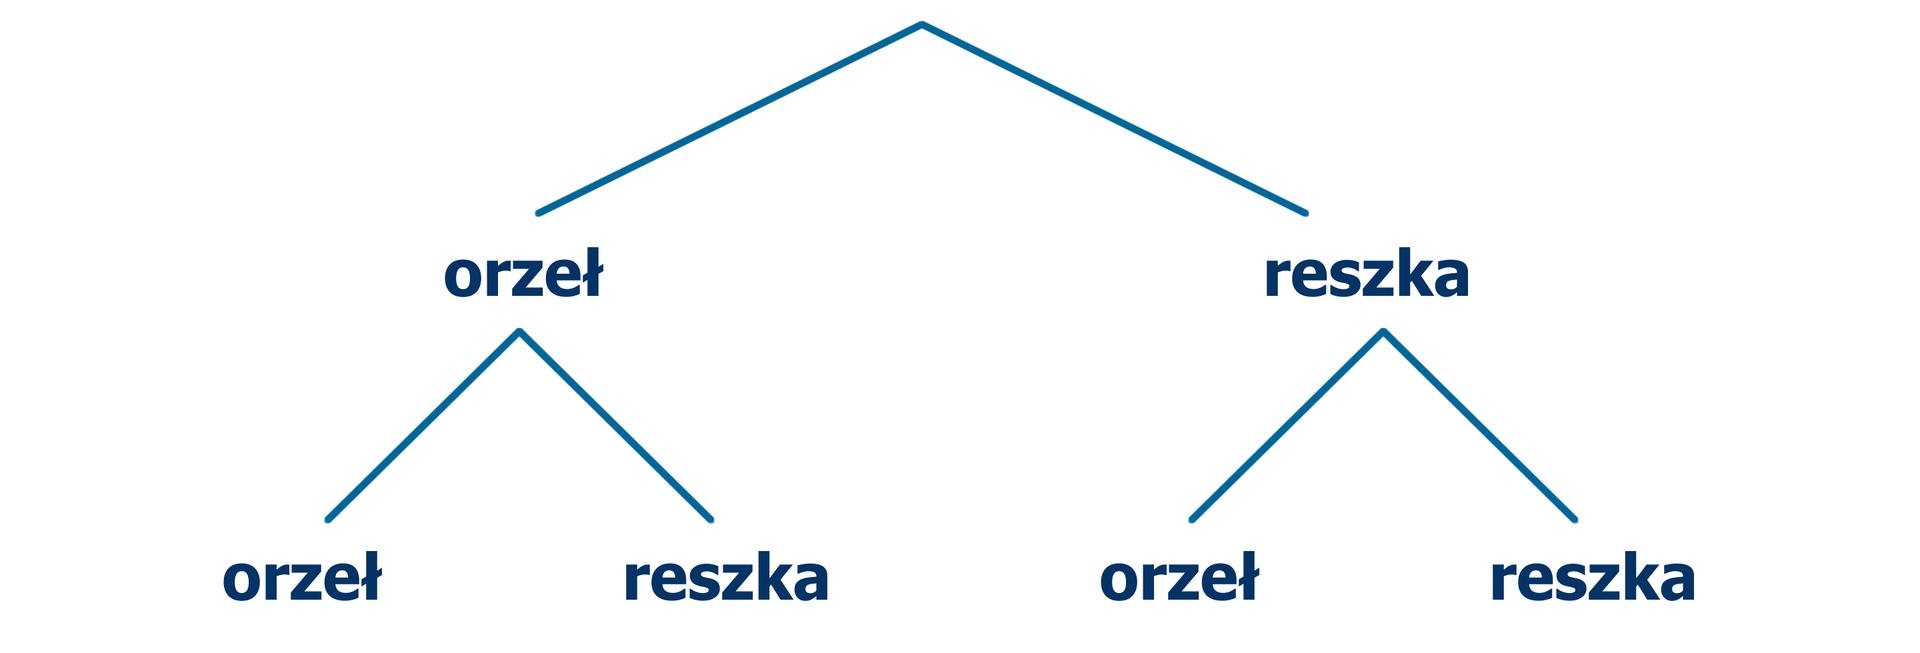 Rysunek schematu wpostaci drzewa, który ilustruje wyniki doświadczenia dwukrotnego rzutu monetą. Pierwszy rzut – odchodzą dwie gałęzie: orzeł ireszka. Od gałęzi orzeł wdrugim rzucie odchodzą gałęzie: orzeł ireszka. Od gałęzi reszka wdrugim rzucie odchodzą gałęzie: orzeł ireszka.